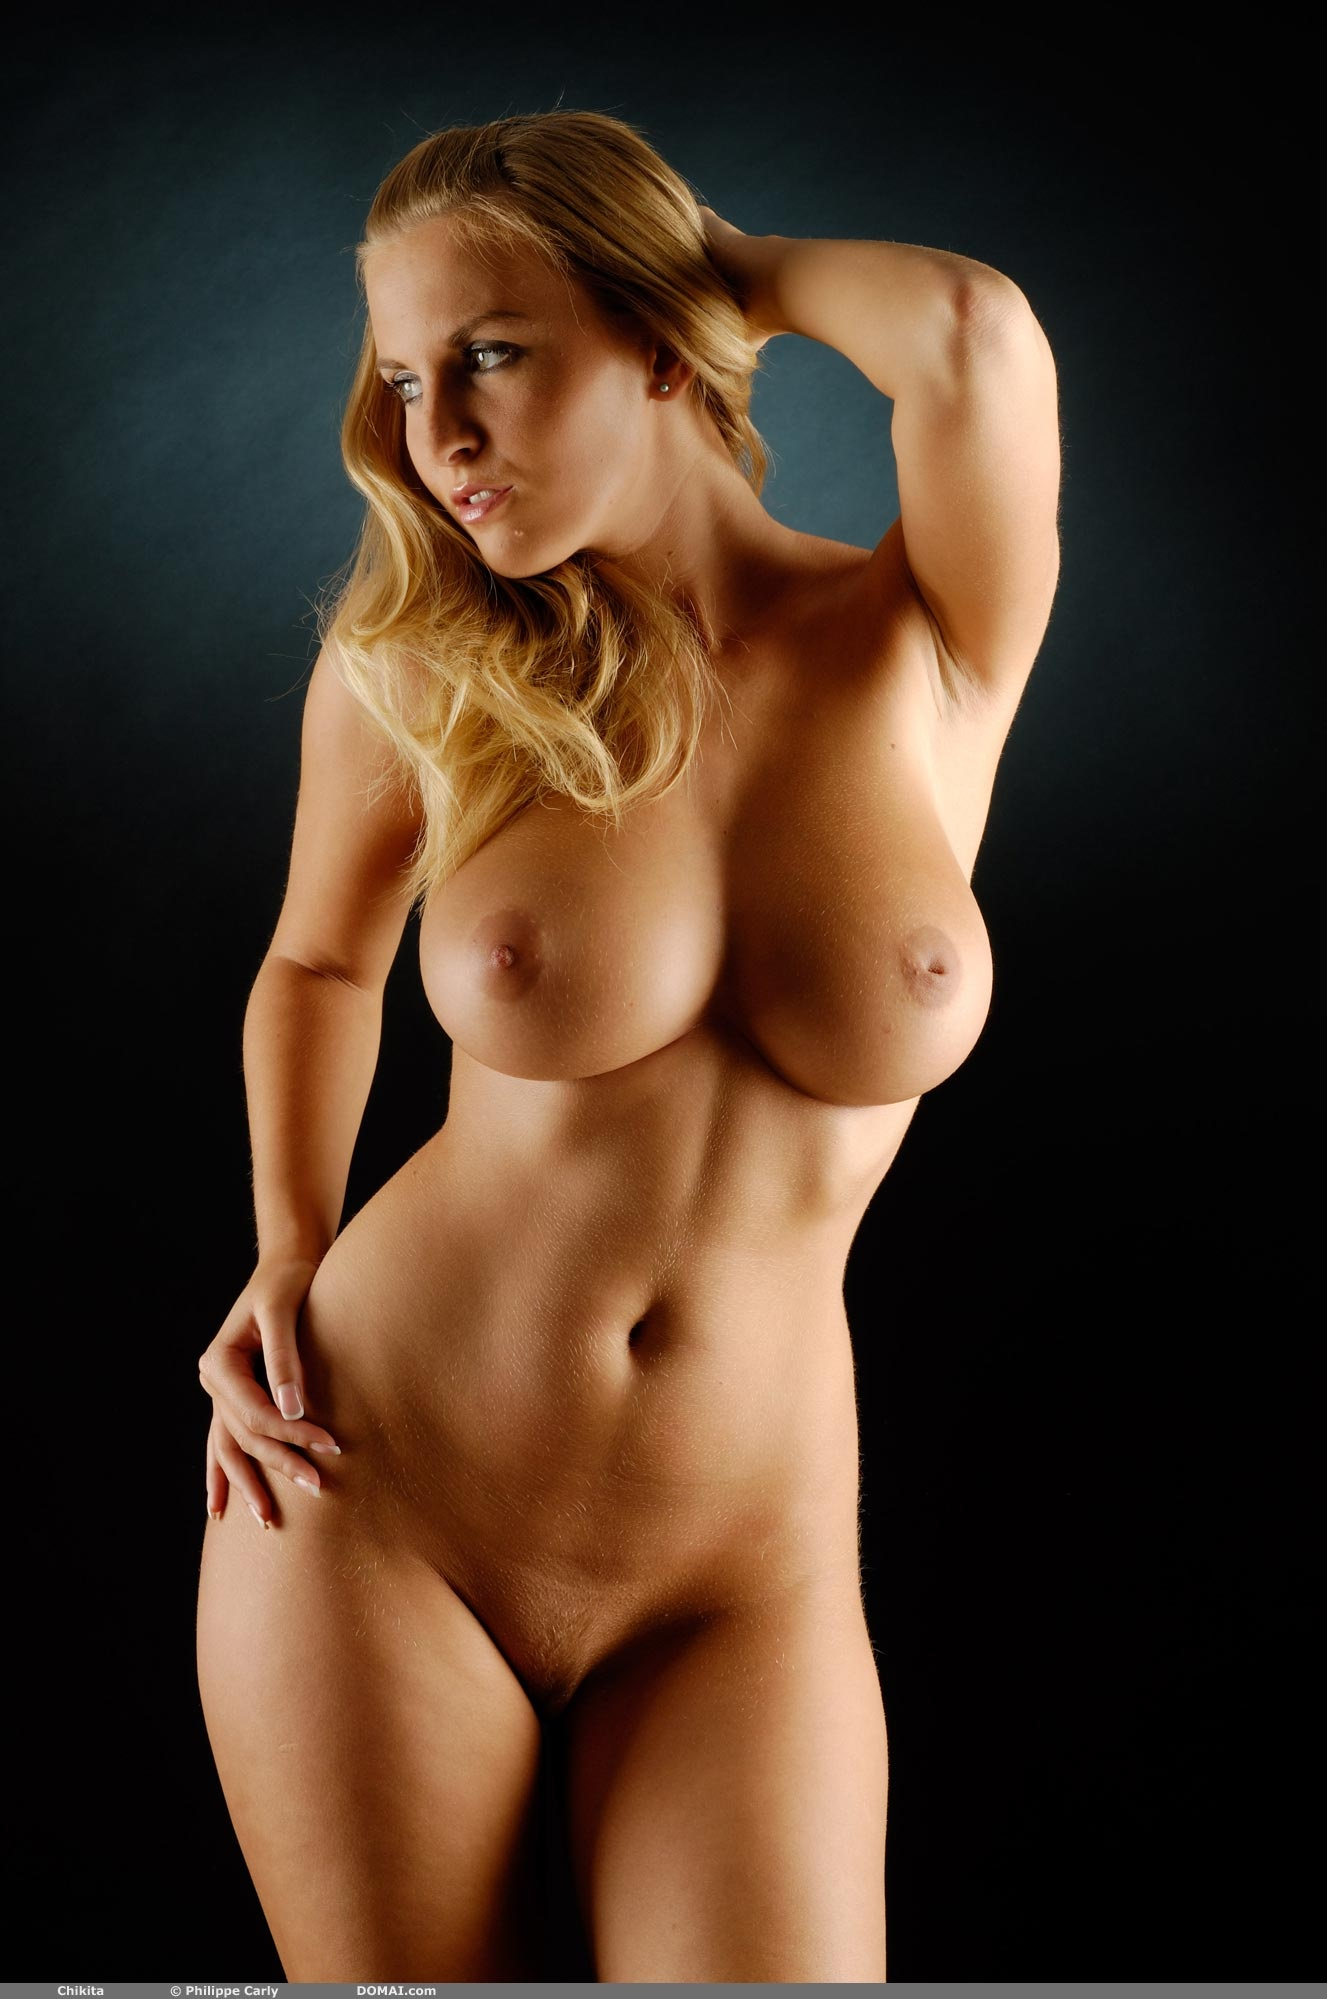 Большие сиськи срочное фото, секс с перекаченной девушкой видео